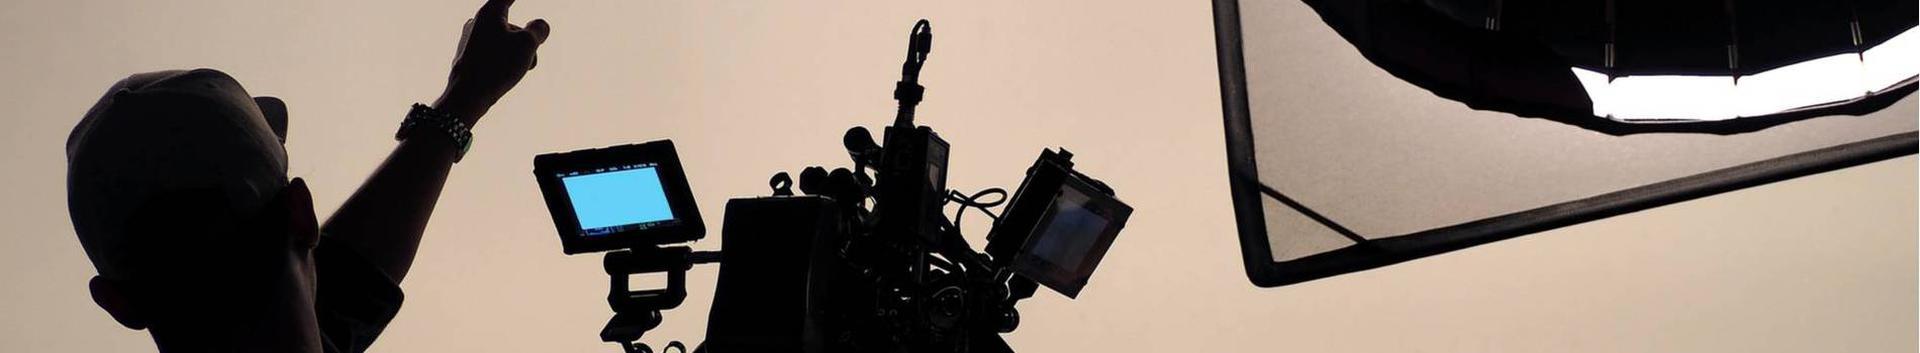 59111_kinofilmide-videod-tootmine_73958090_xl.jpg